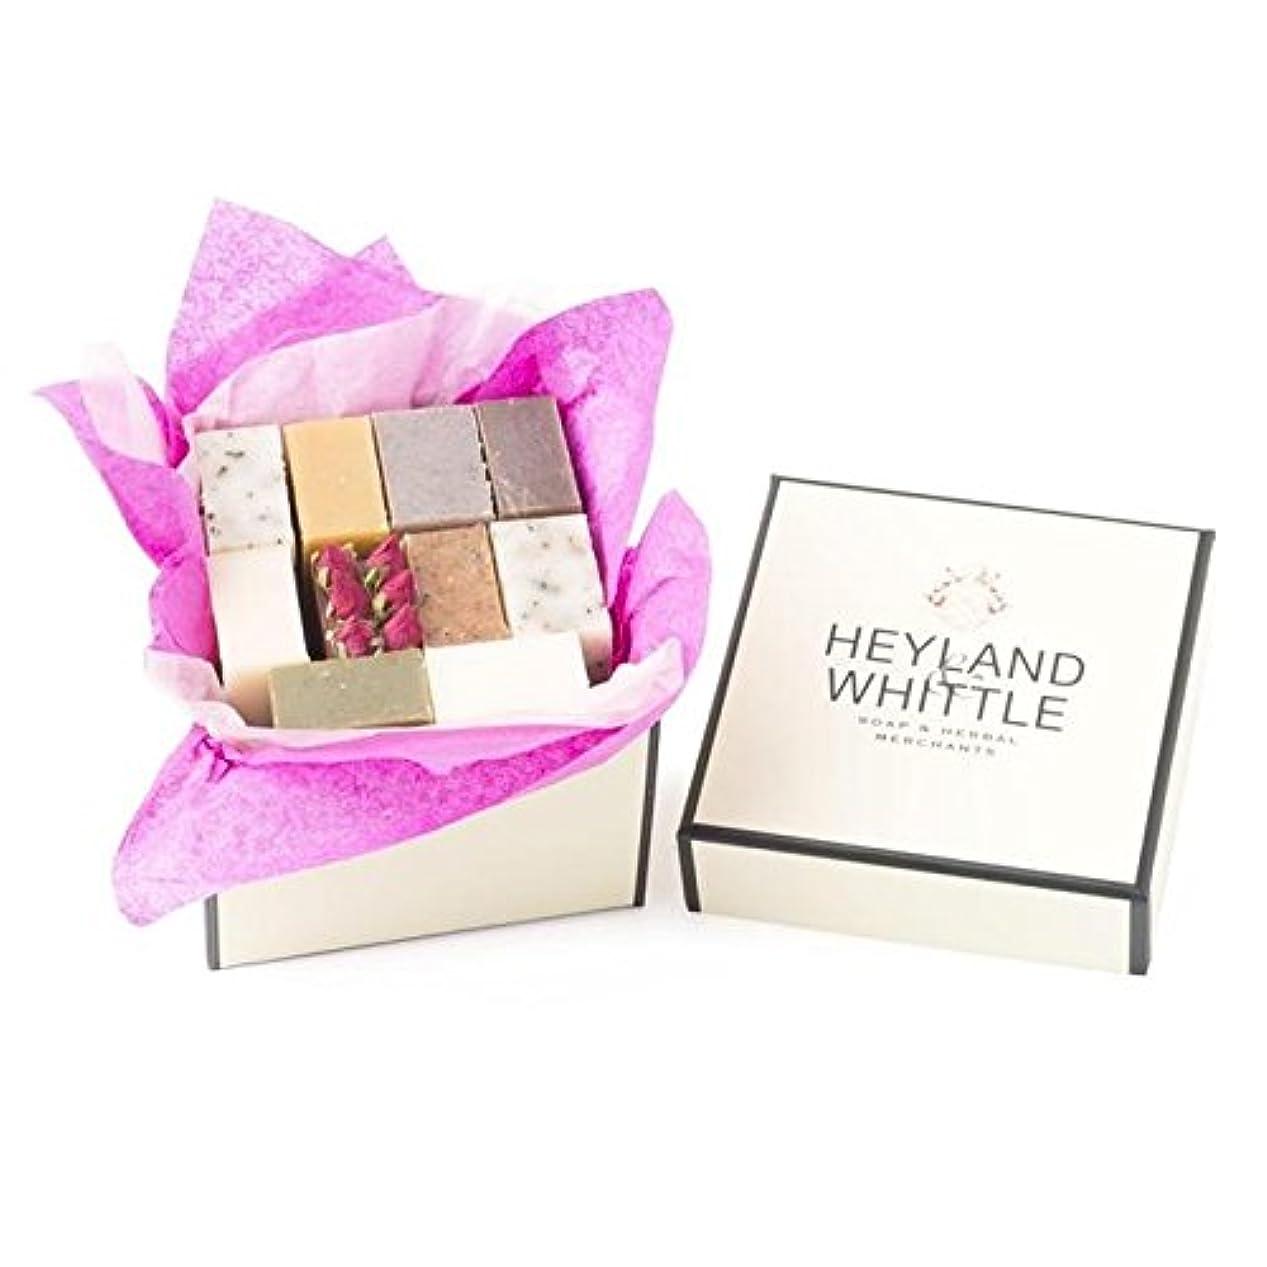 建てるサロン原稿Heyland & Whittle Soap Gift Box, Small (Pack of 6) - 小さな&削るソープギフトボックス、 x6 [並行輸入品]